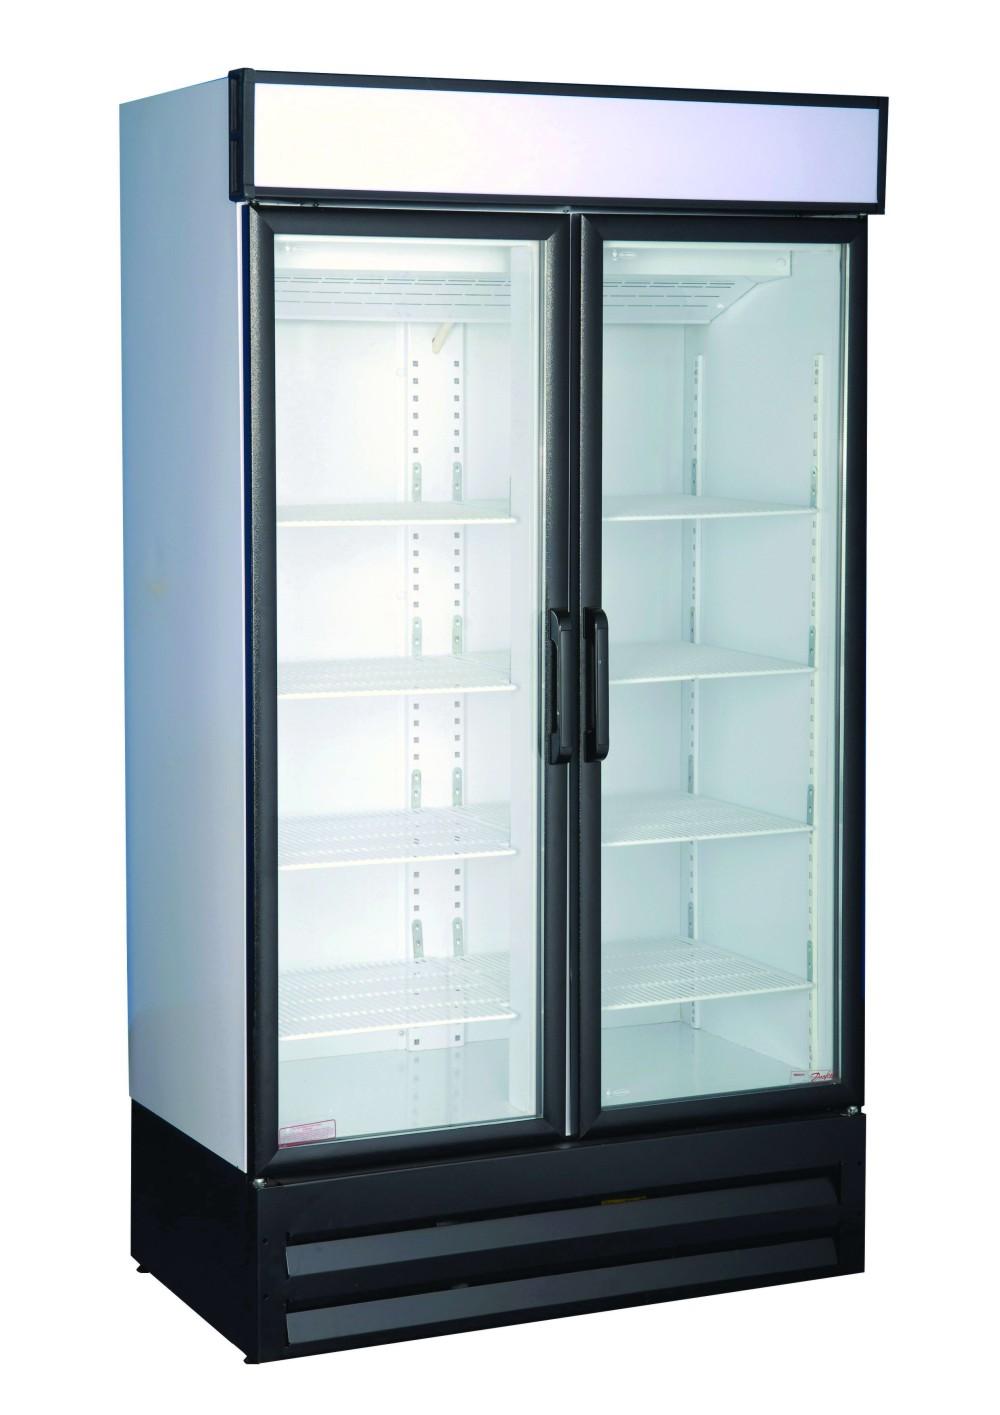 Cool Solutions: BEVERAGE COOLER DOUBLE GLASS DOOR SWING